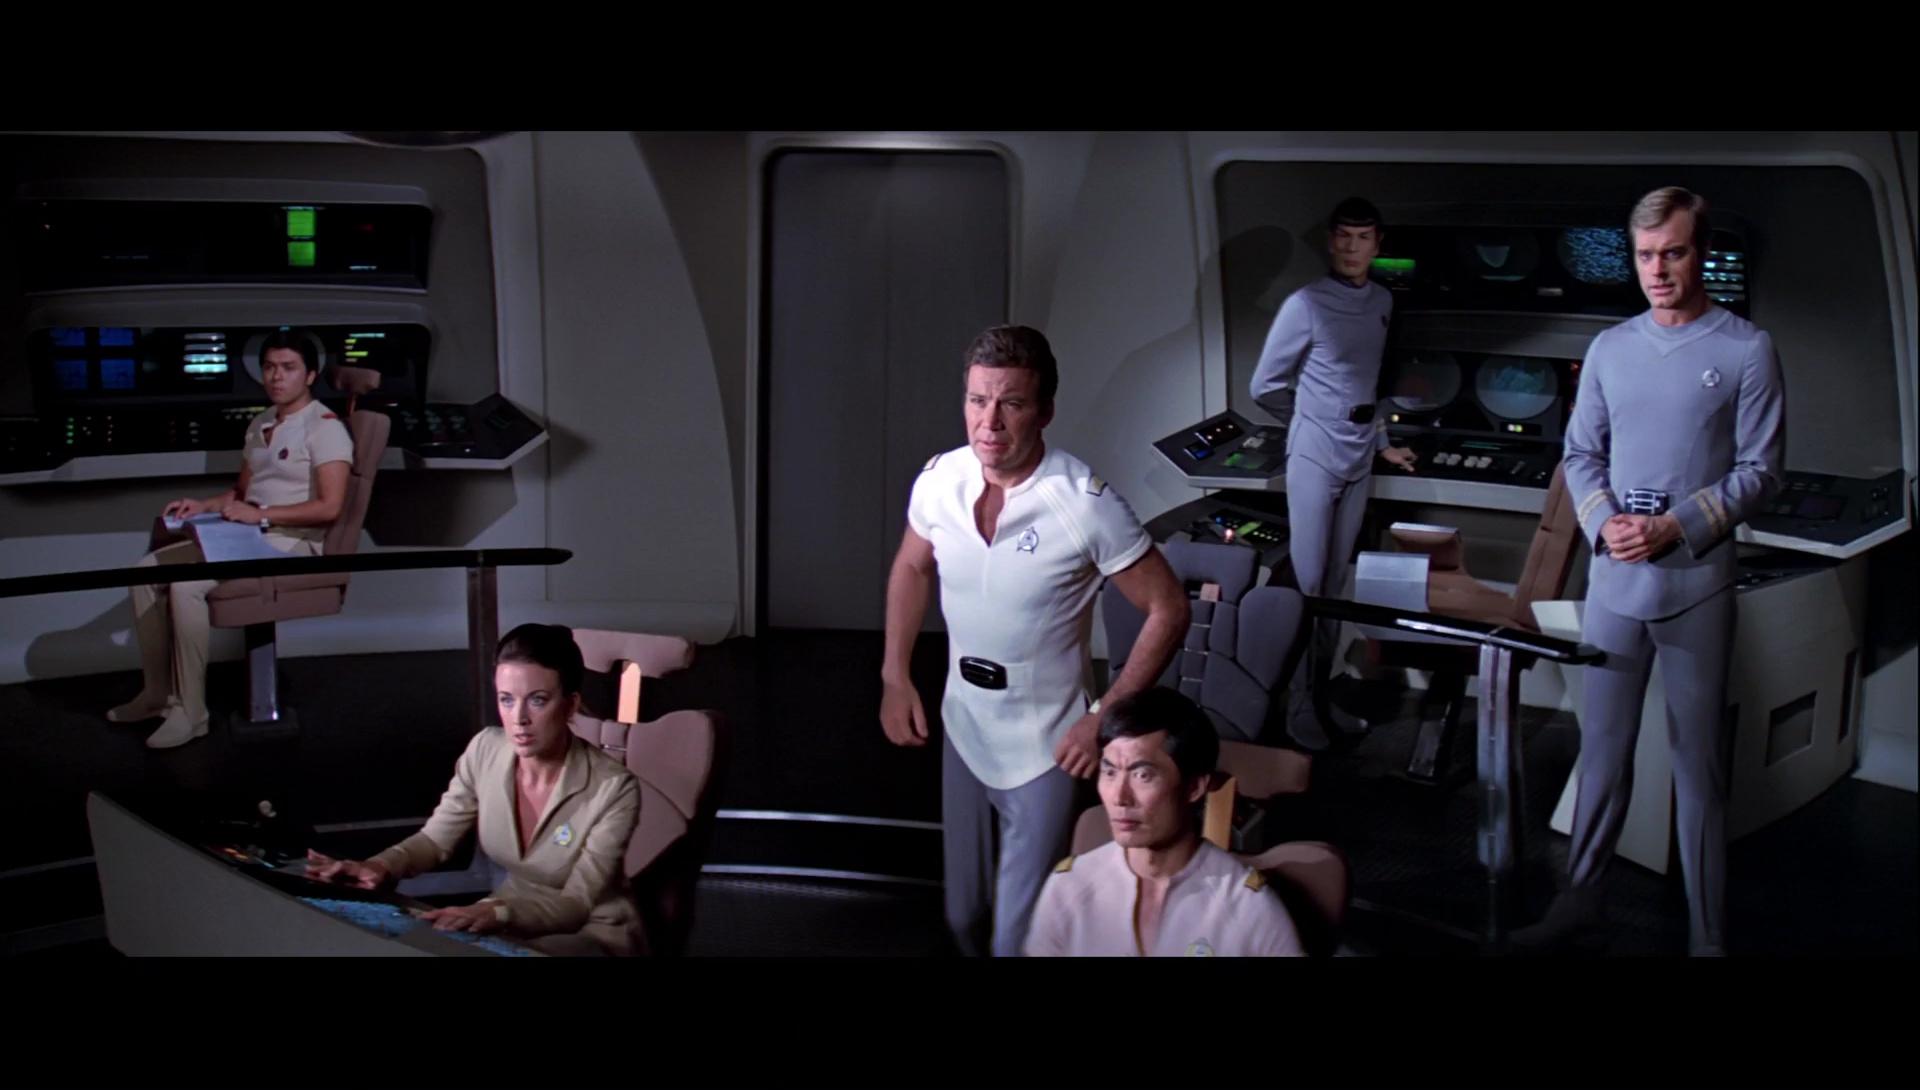 Viaje A Las Estrellas 1 1080p Lat-Cast-Ing 5.1 (1979)